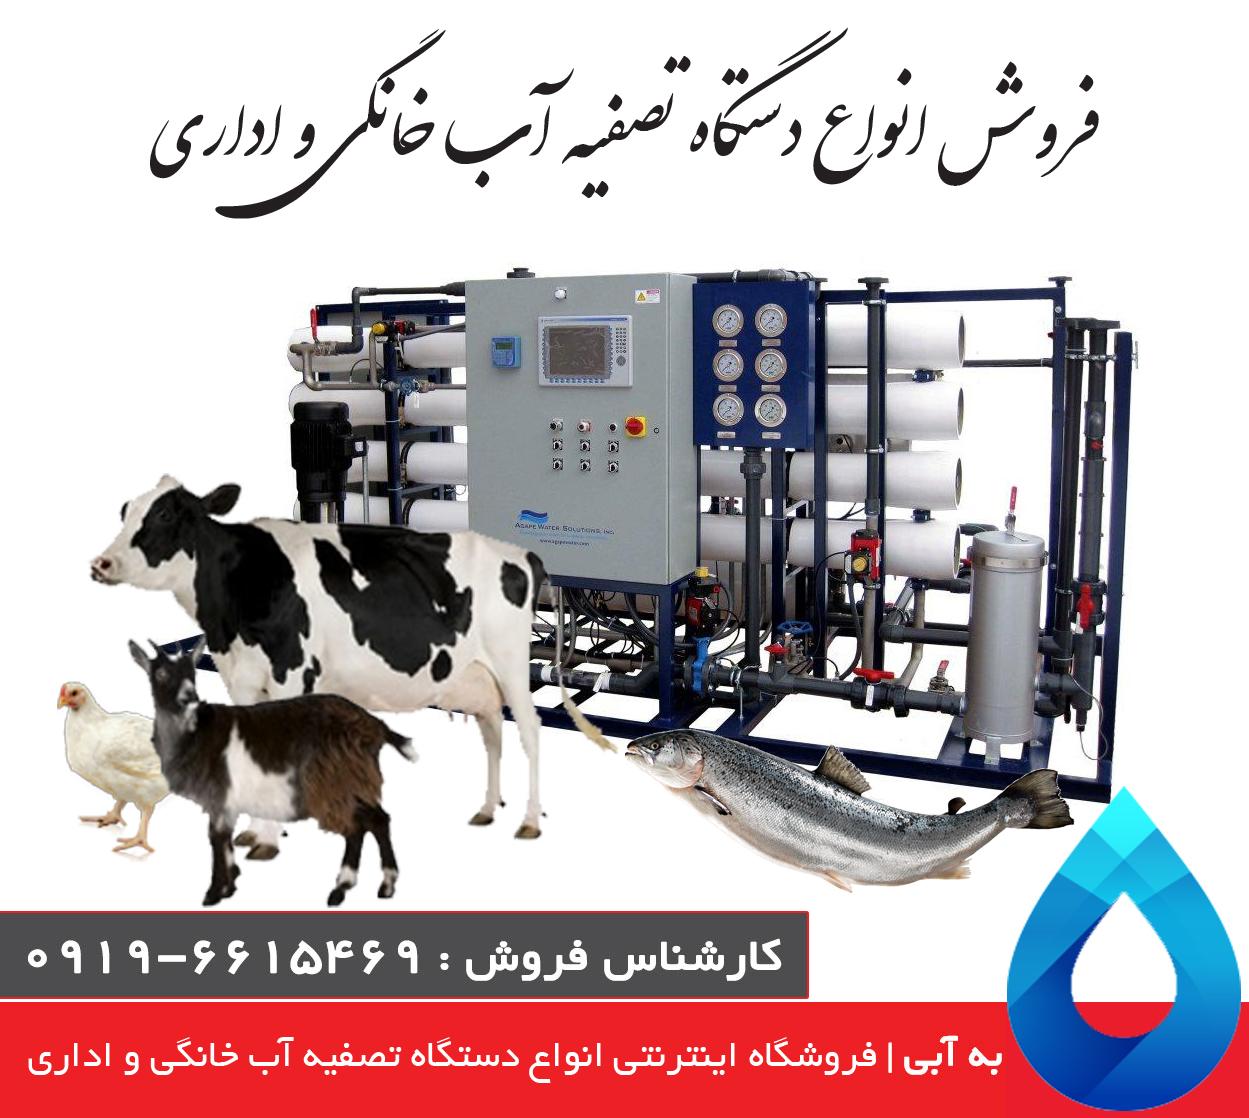 تصفیه آب صنعتی جهت دام و طیور